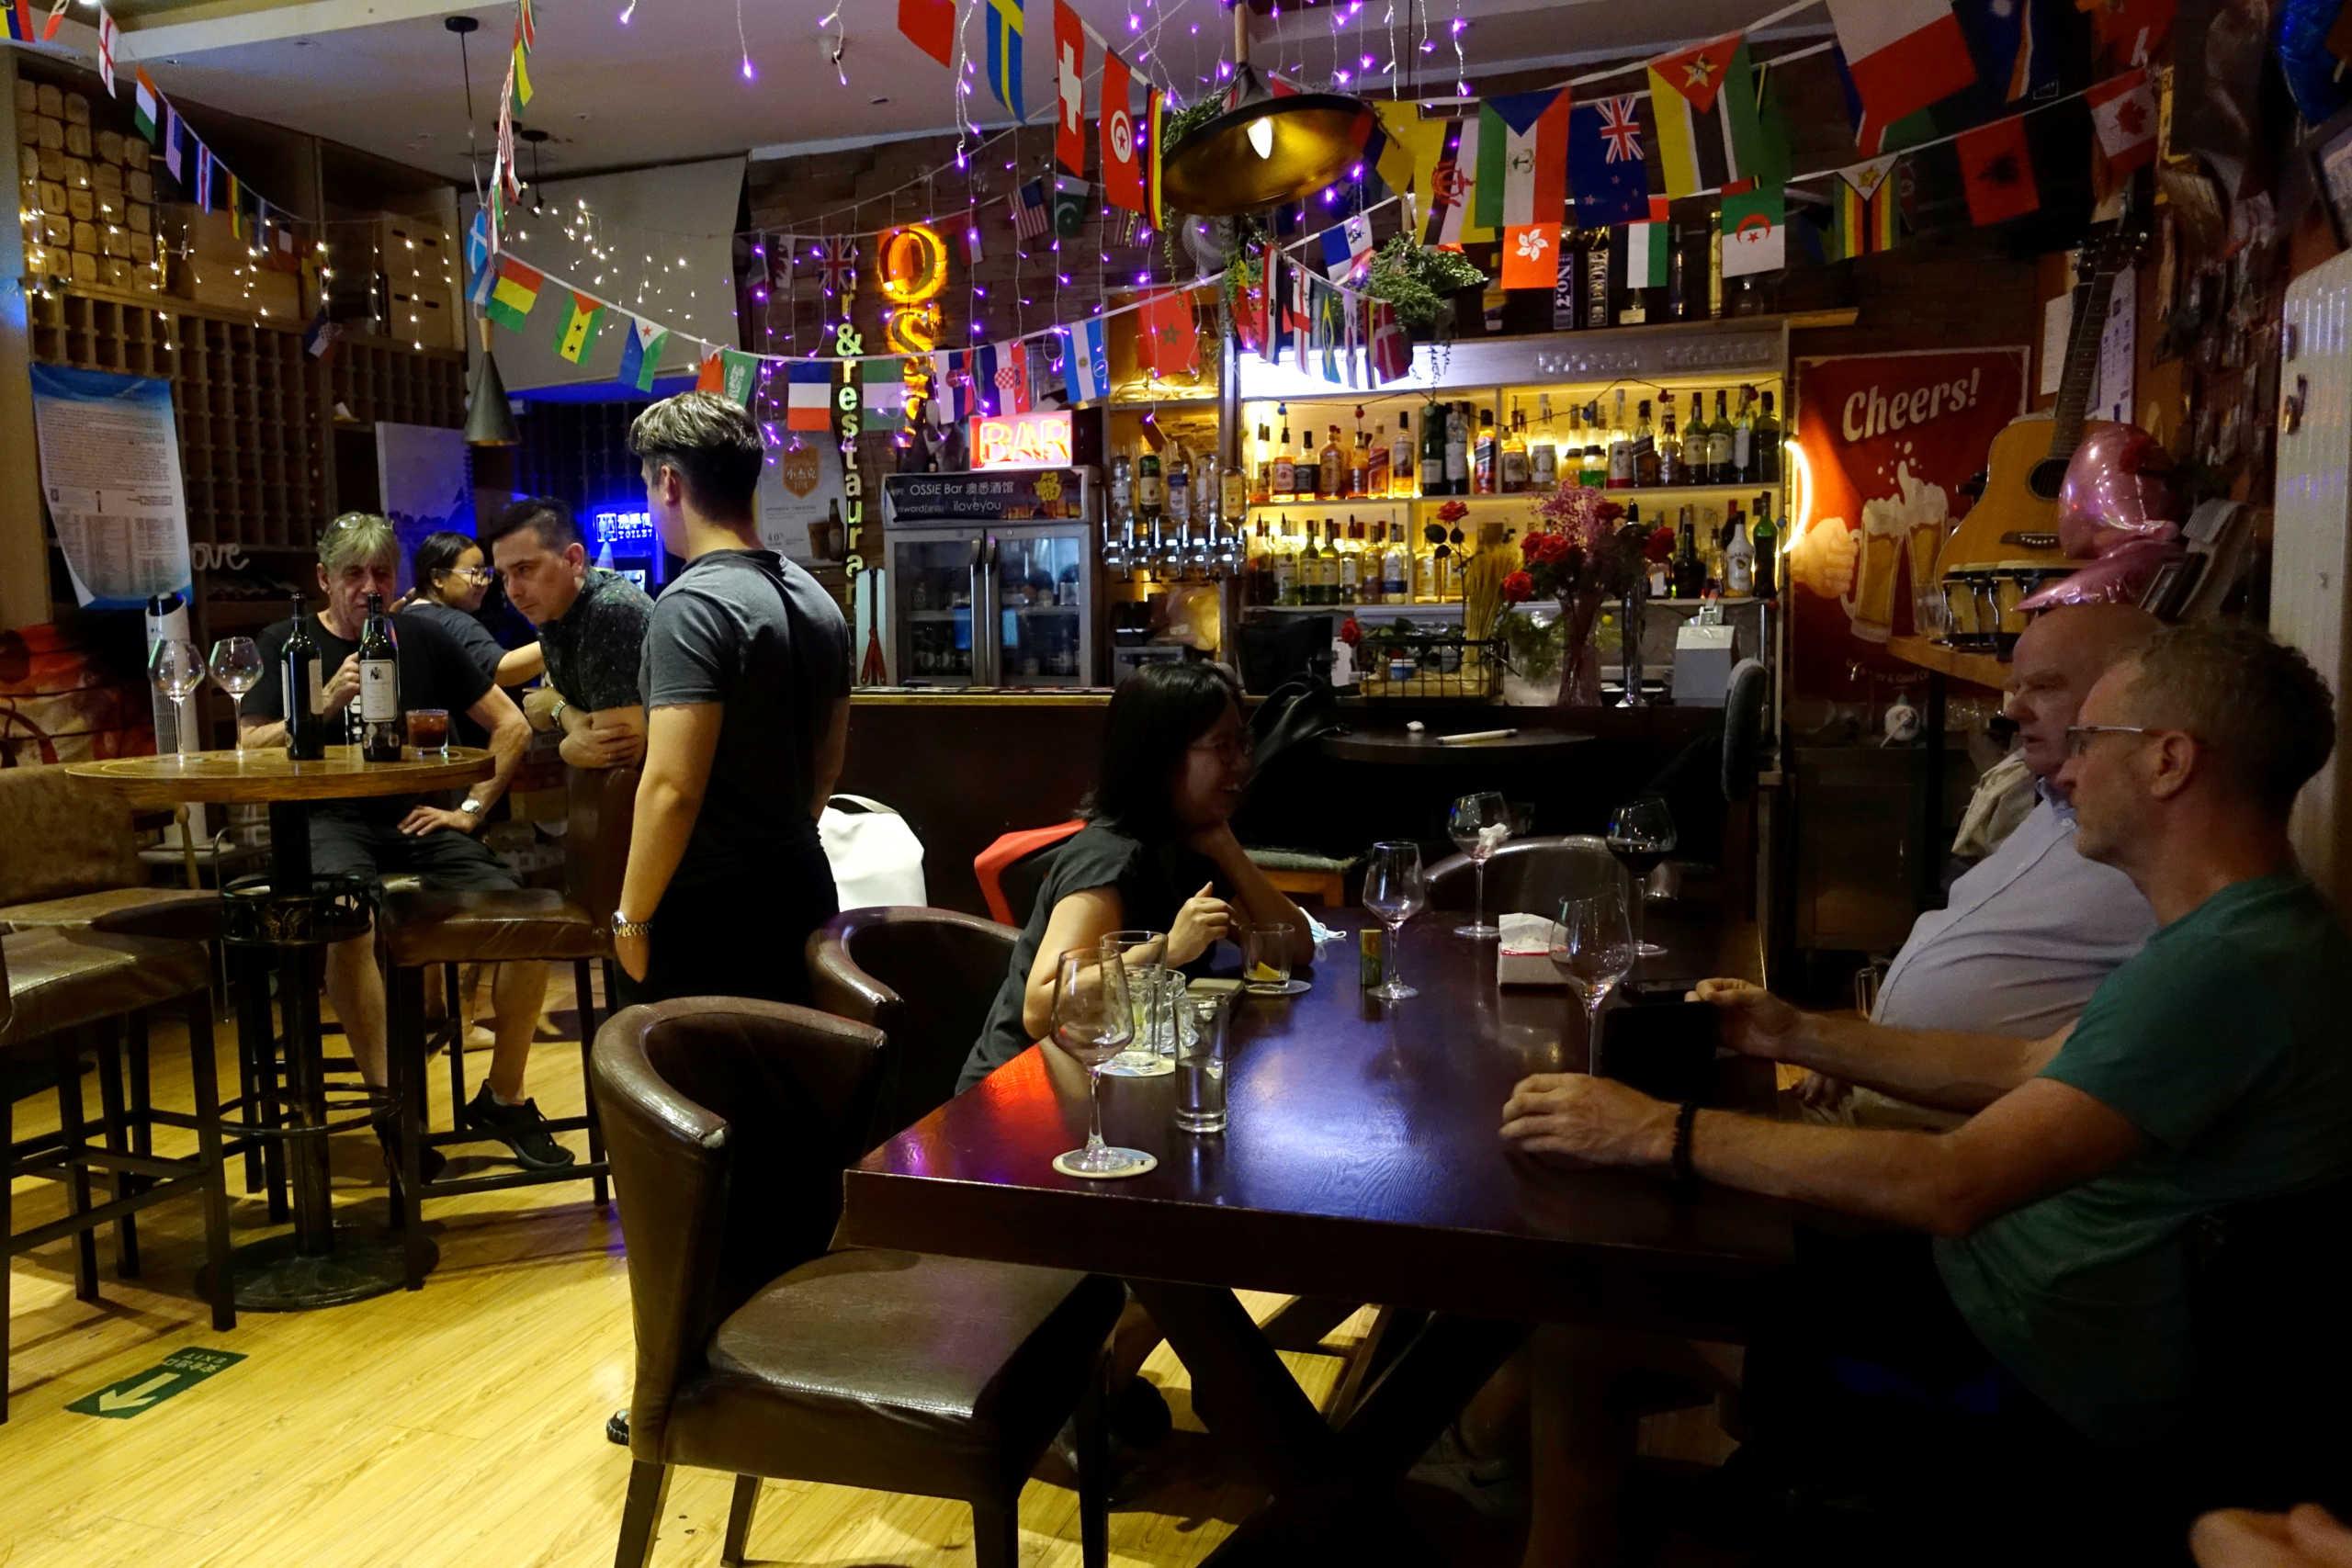 Κορονοϊός: Ανοίγουν και πάλι μπαρ και εστιατόρια στο Ρίο ντε Τζανέιρο